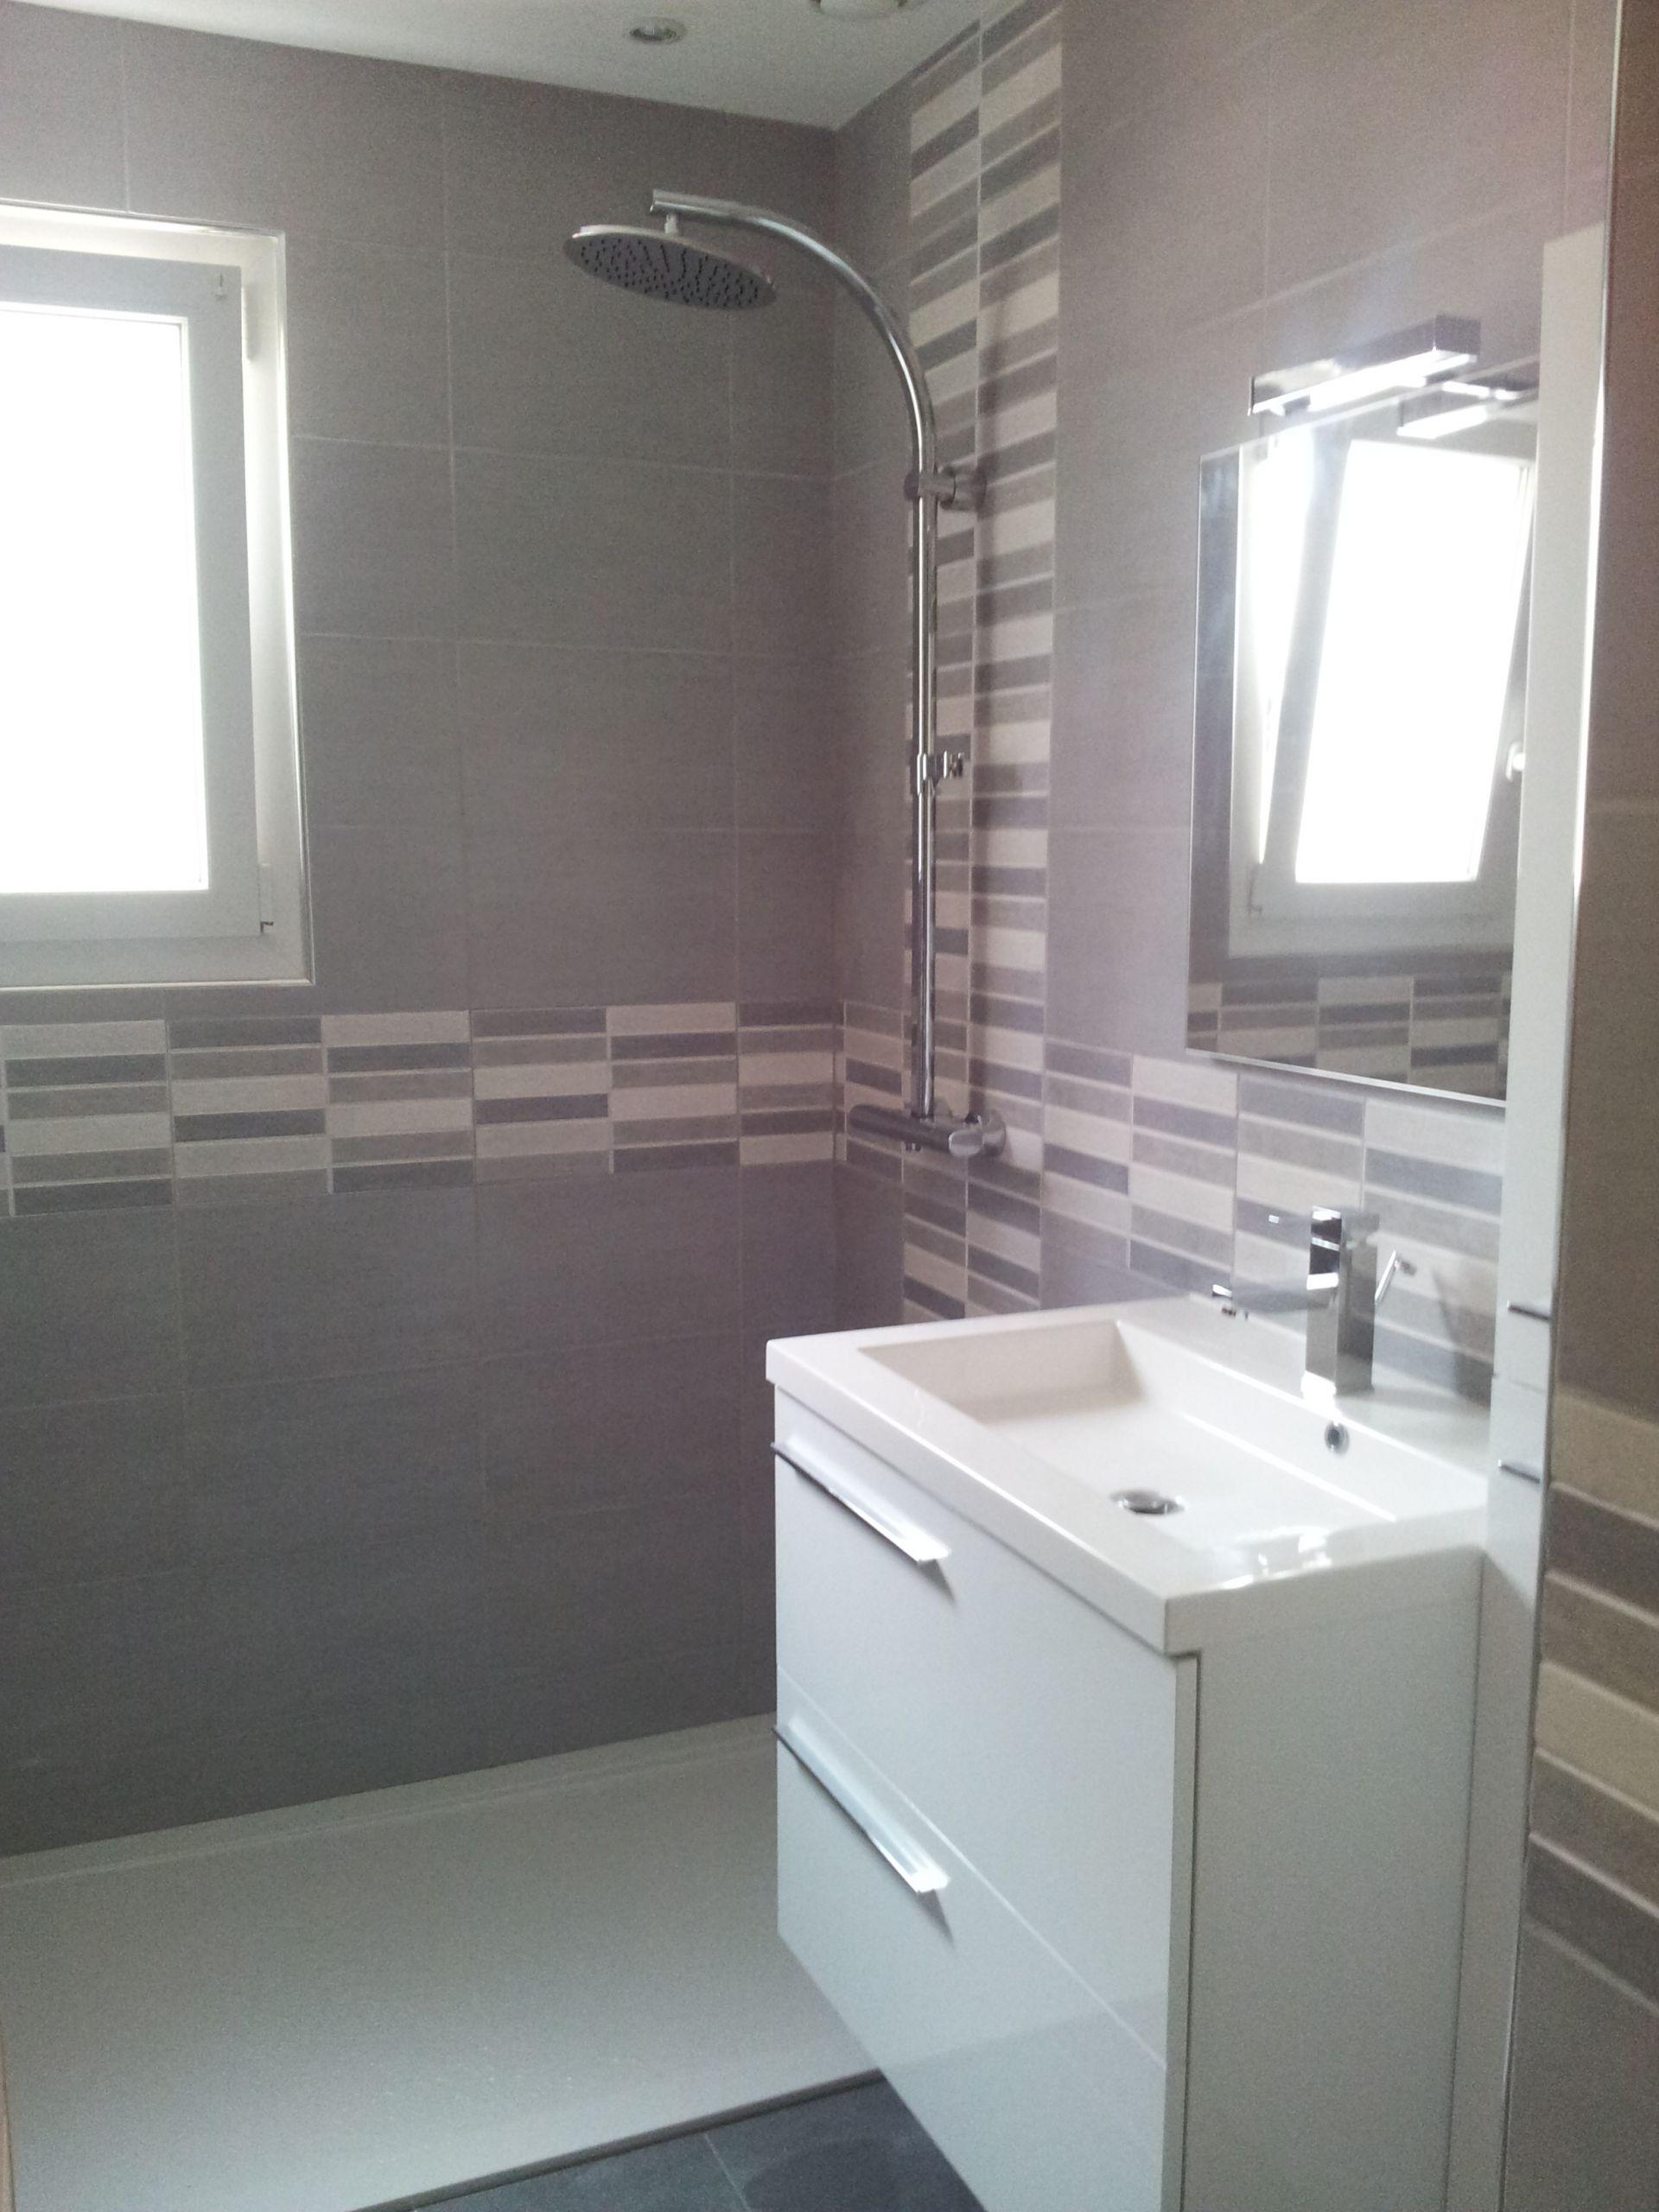 Salle De Bain Faience Grise salle de bain gris blanc faience salle de bain gris clair